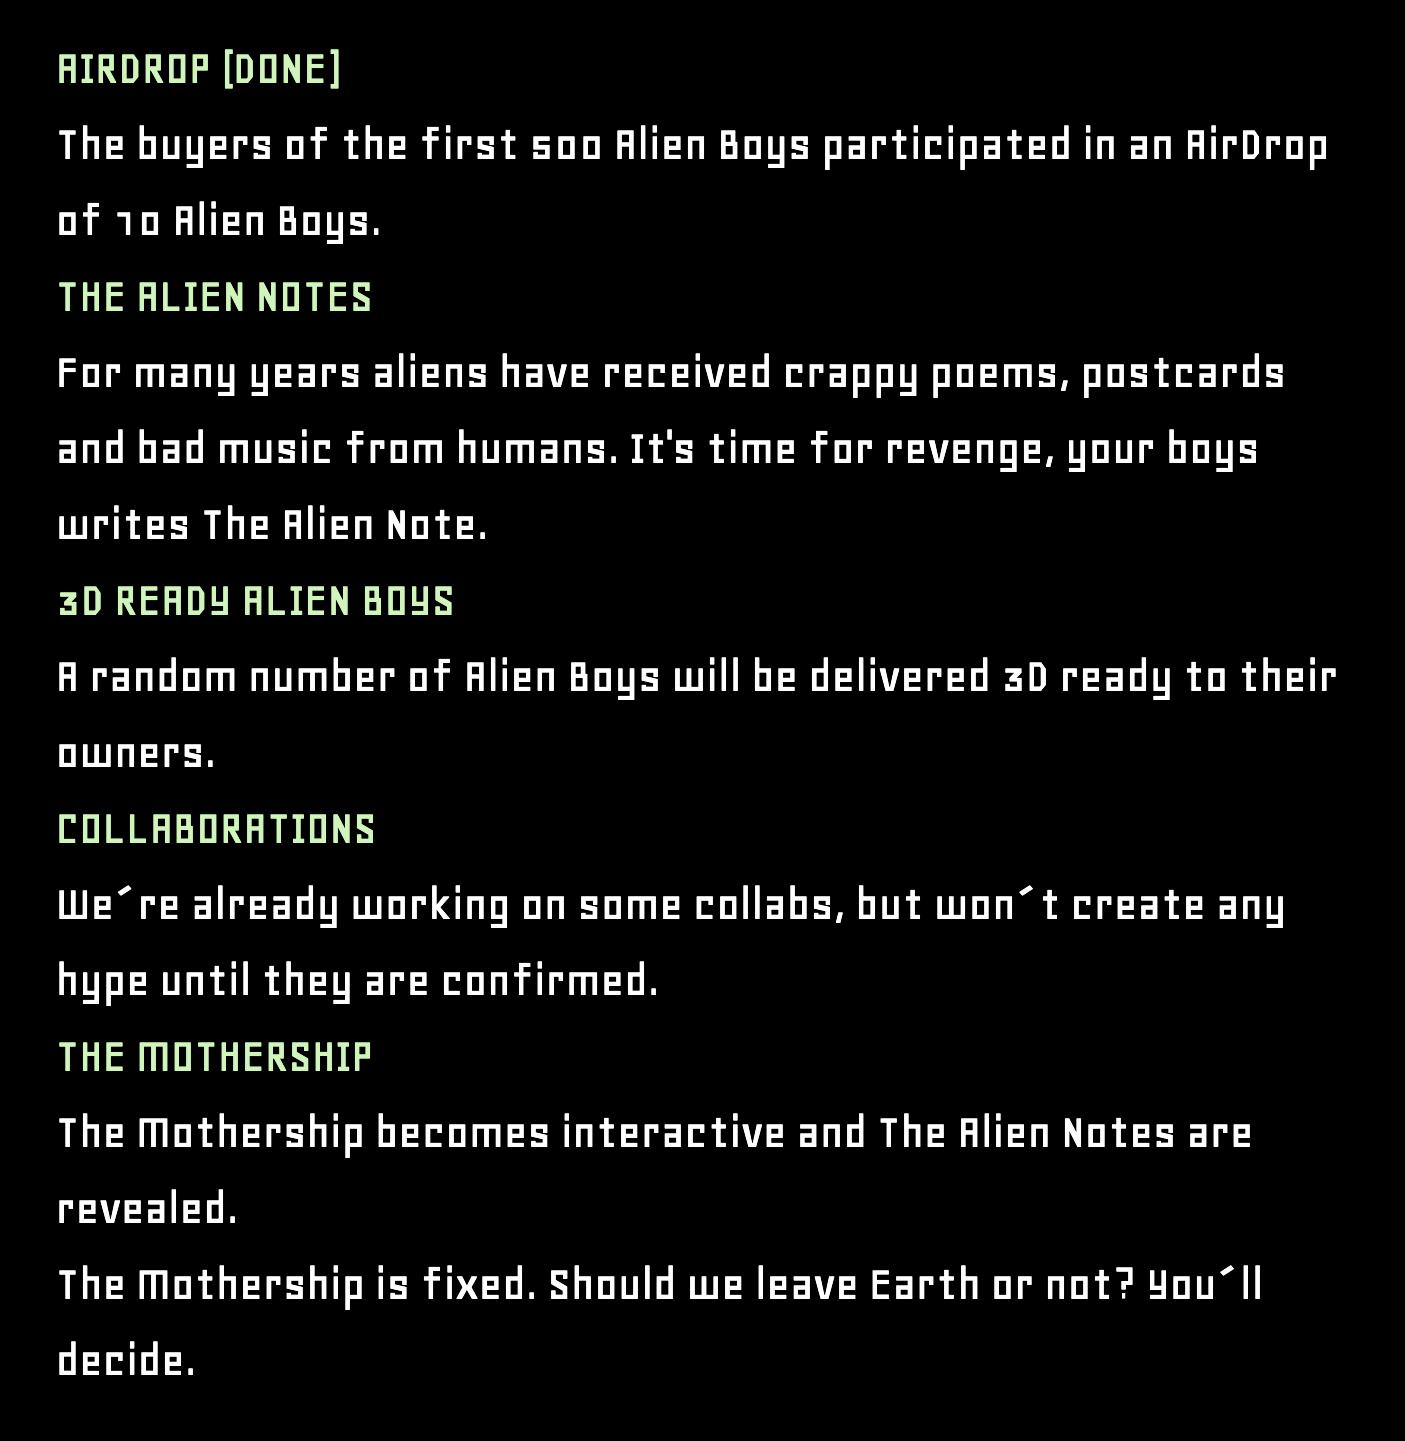 The Alien Boy NFT Roadmap